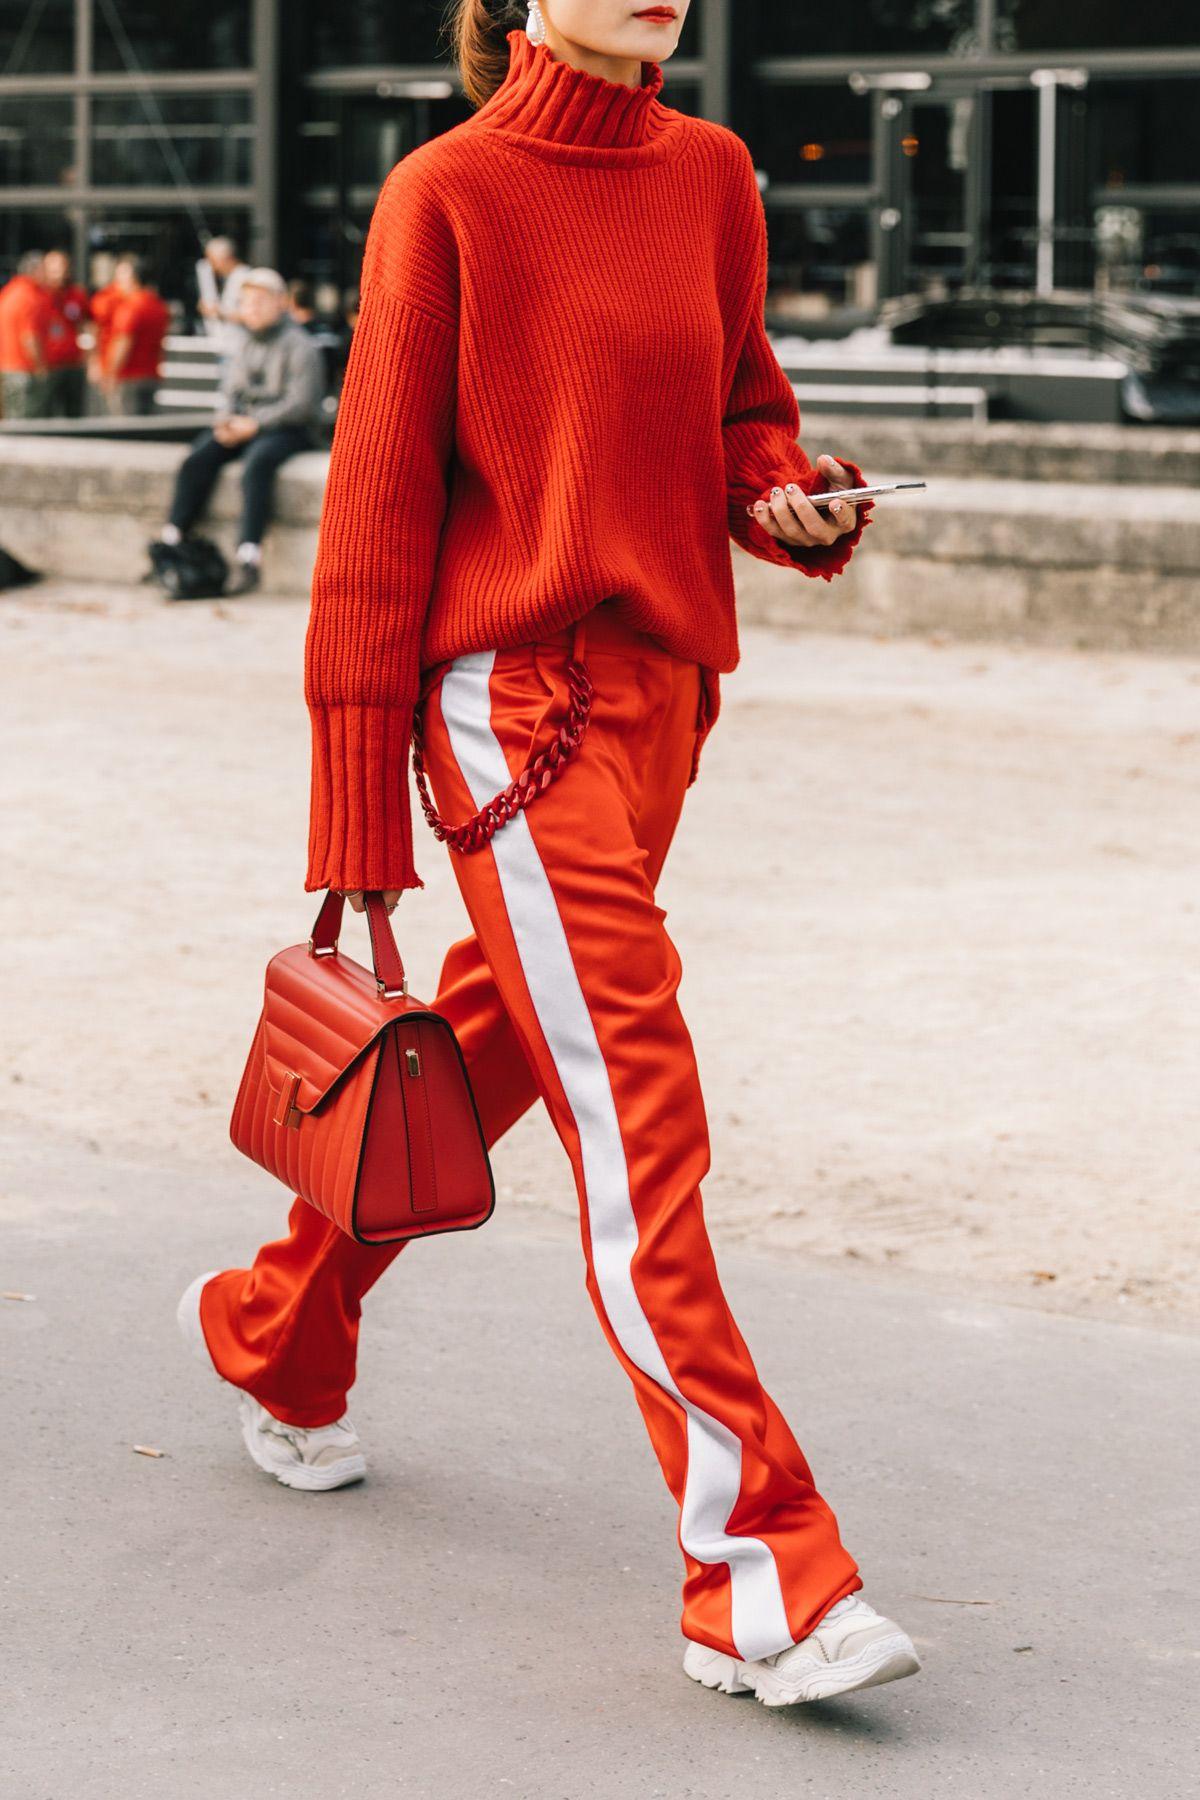 Street Style #PFW / Día 7: el otoño ha desembarcado oficialmente en París y la ciudad se protege con abrigos de paño, botas infinitas y faldas de tejidos envolventes. © Diego Anciano / @collagevintage2 #streetstyleclothing